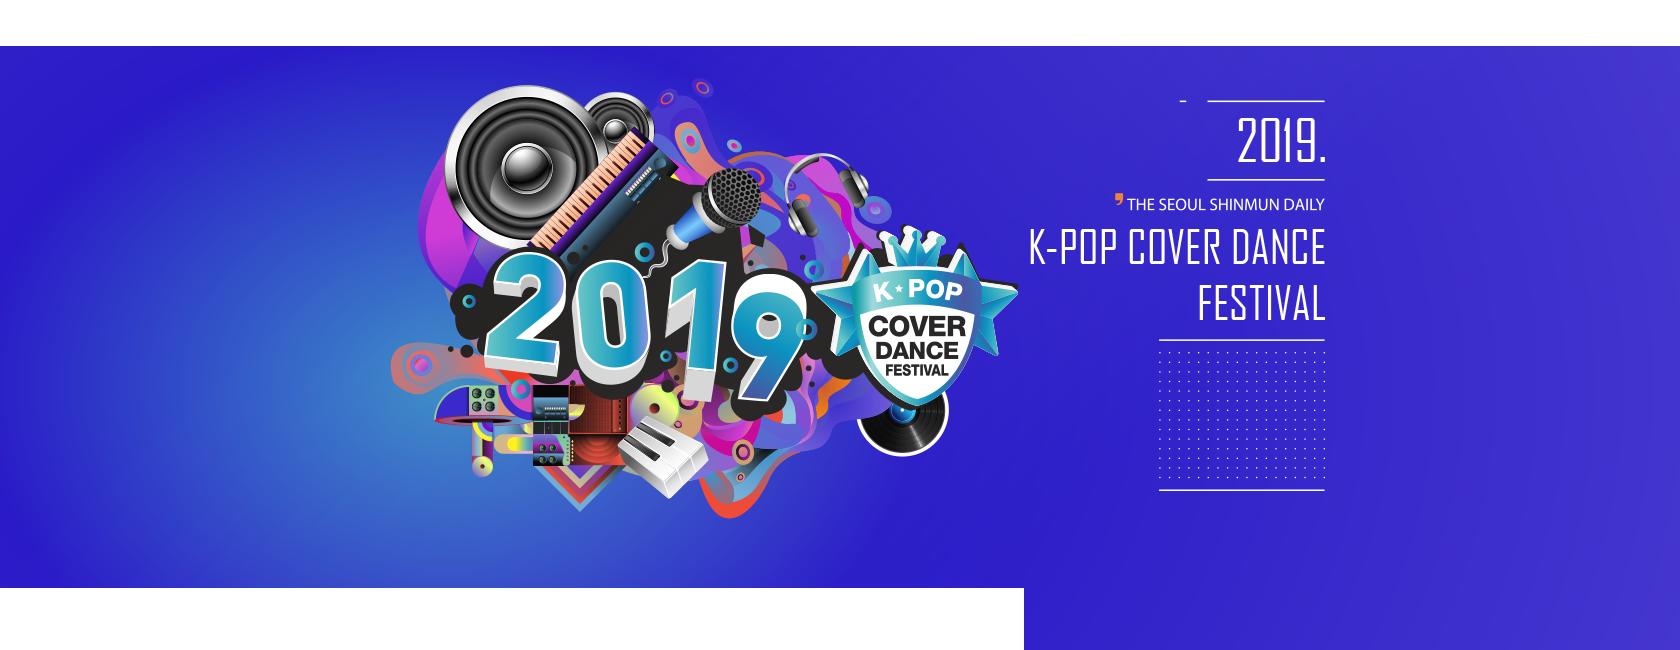 K-POP Cover Dance Festival - Main